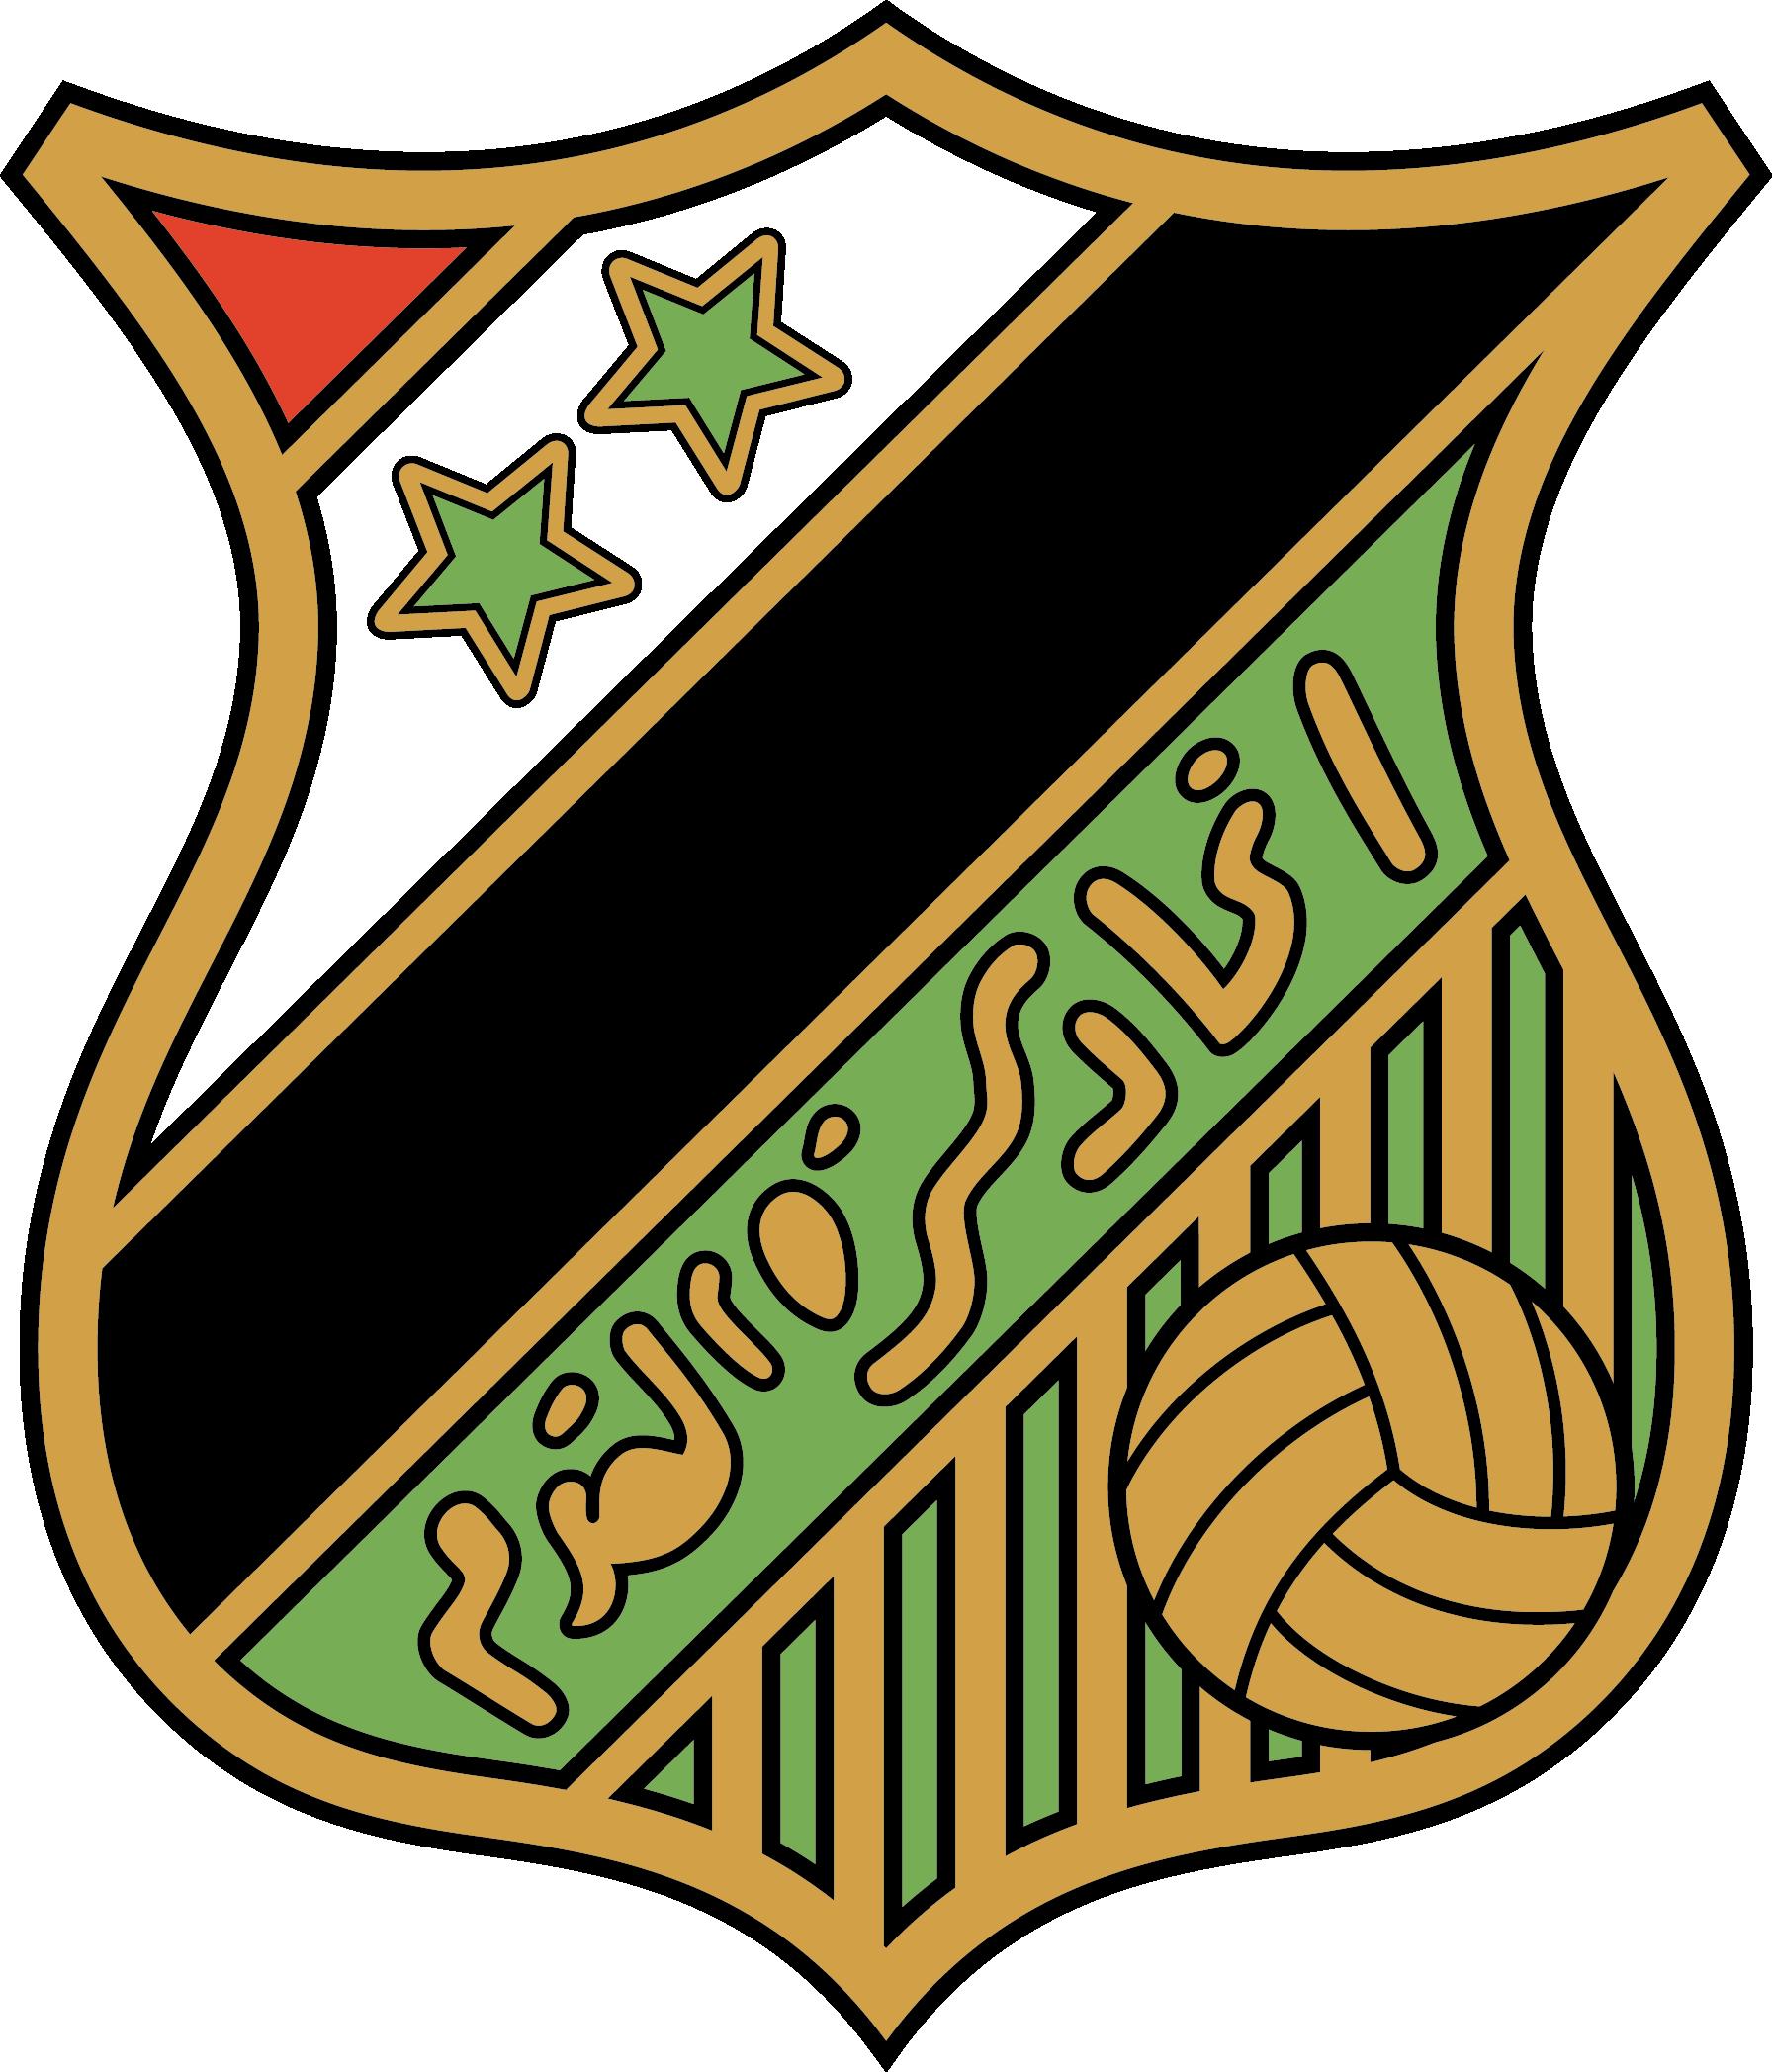 الاتحاد ينعي رئيسه السابق صحيفة وطني الحبيب الإلكترونية Football Logo Afc Champions League Neymar Psg